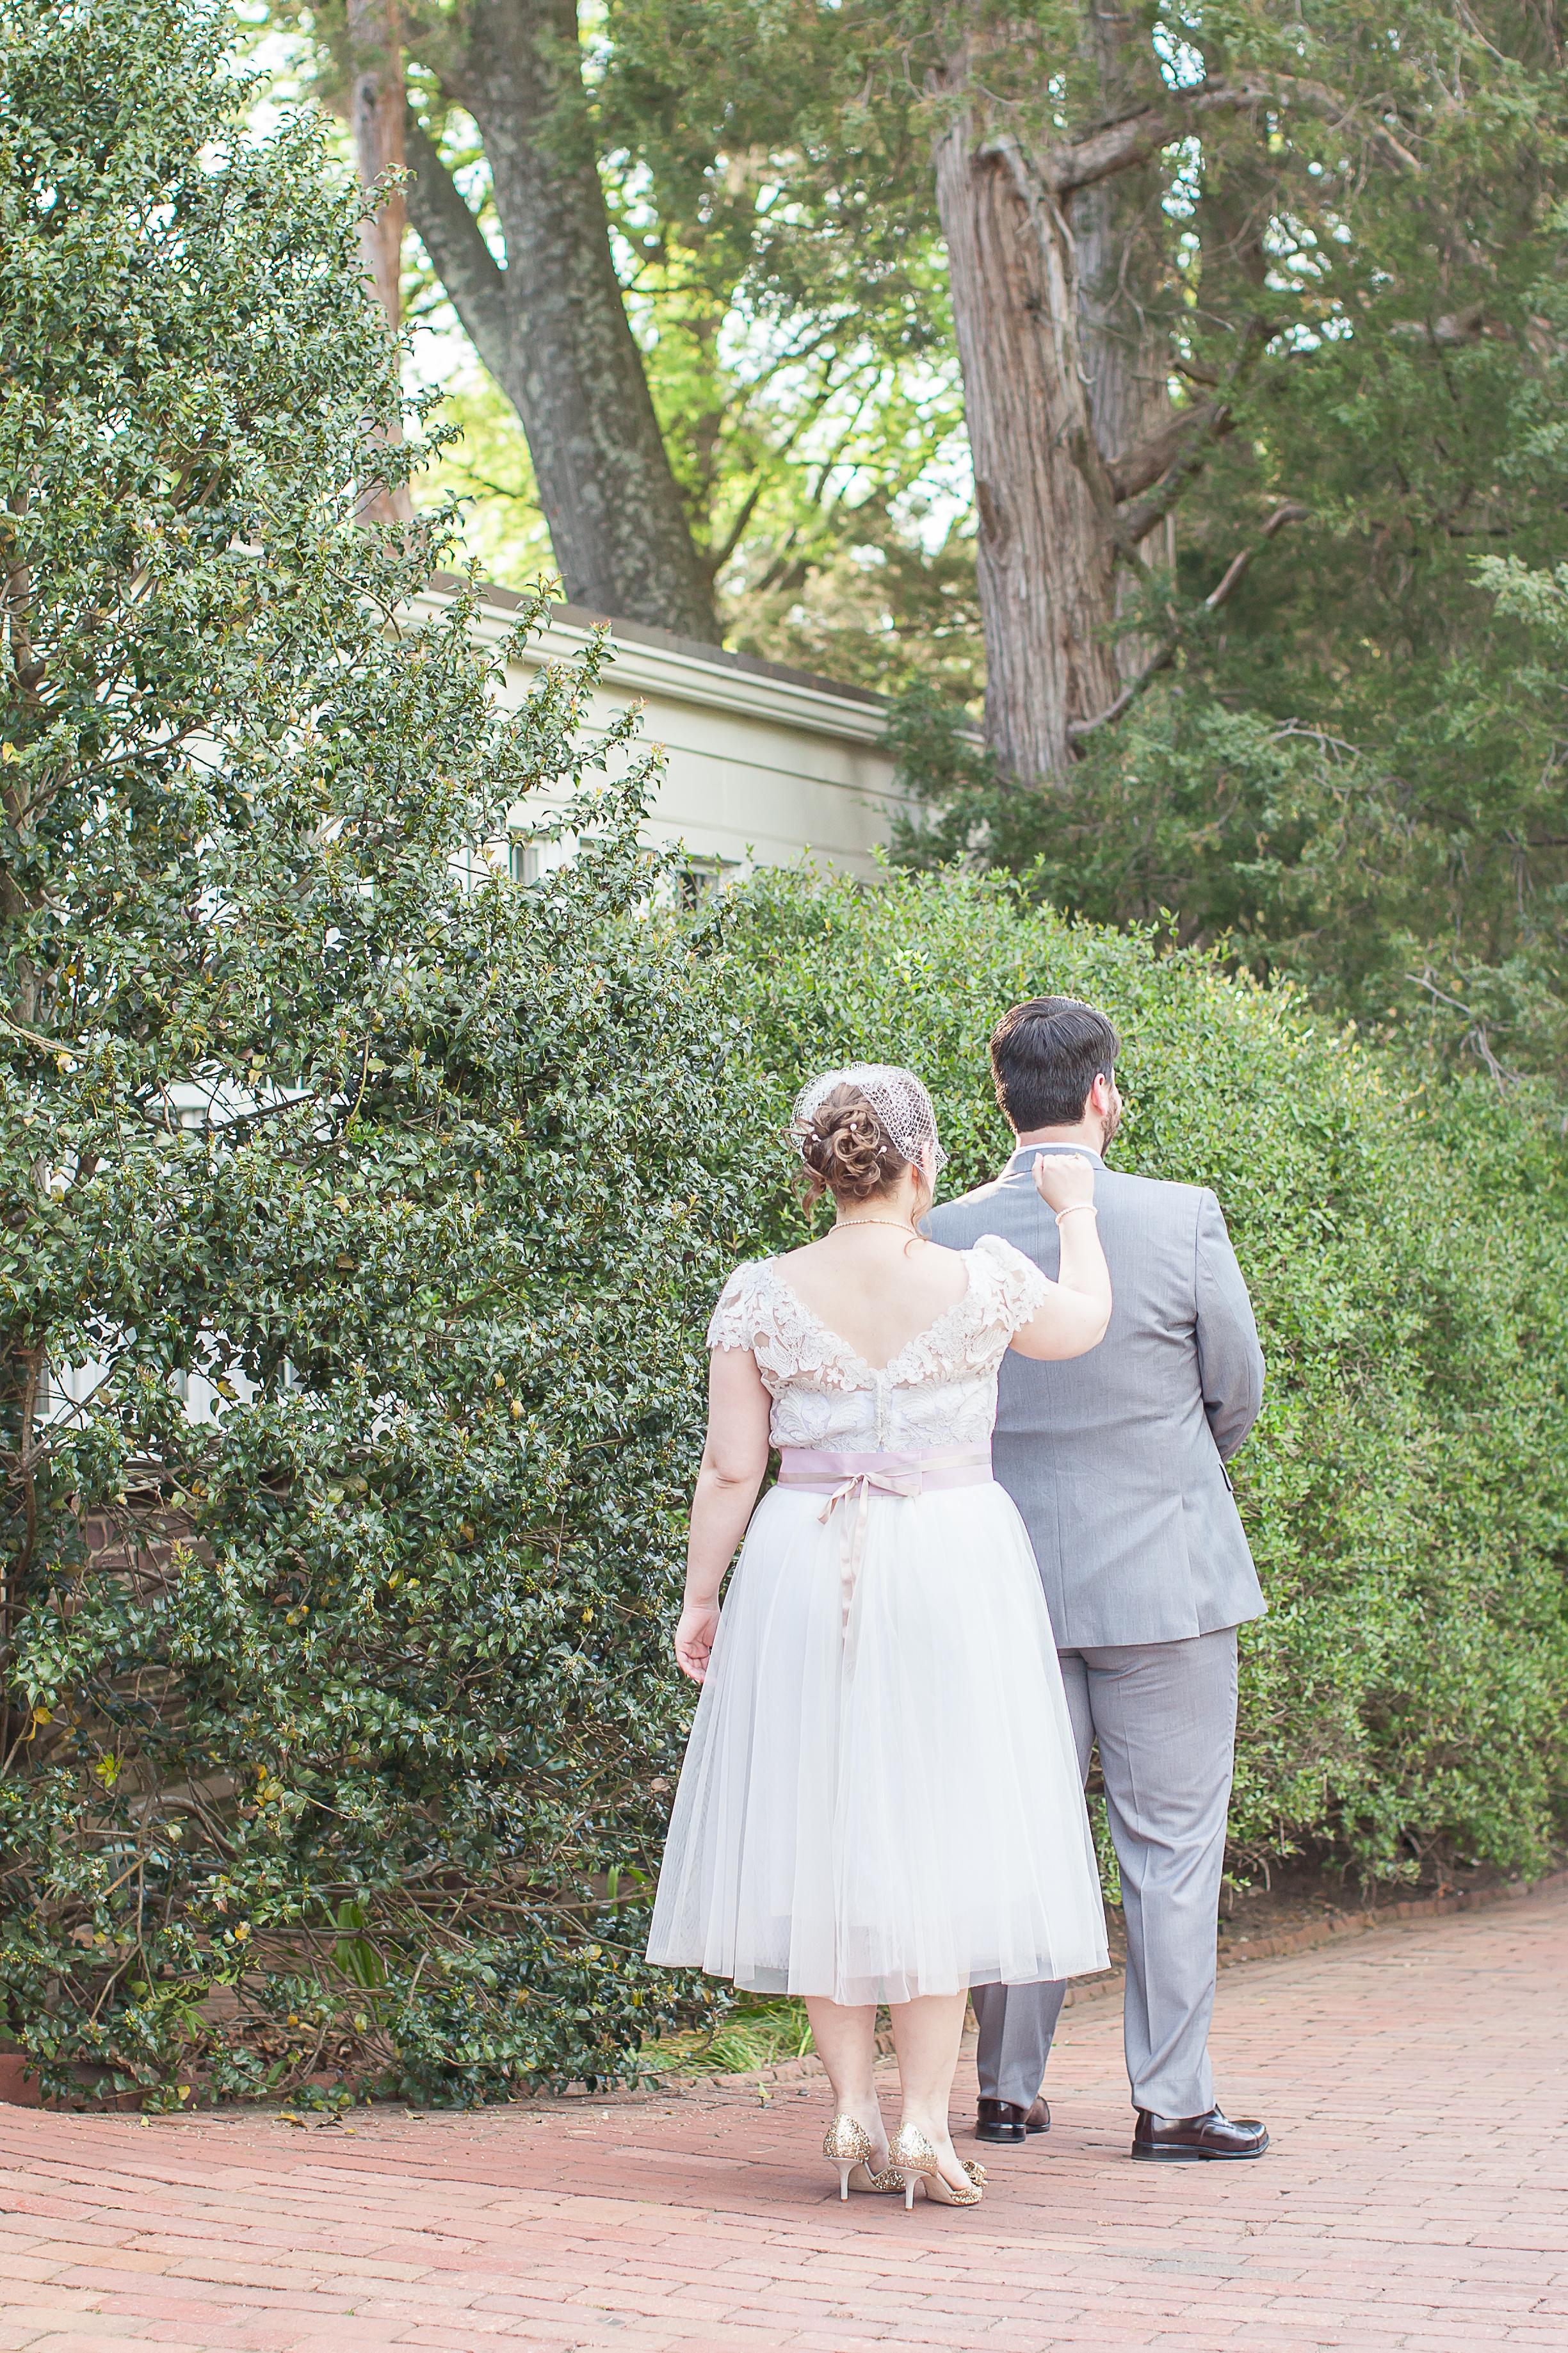 K-S-Wedding-Kim-Pham-Clark-Photography-159.jpg